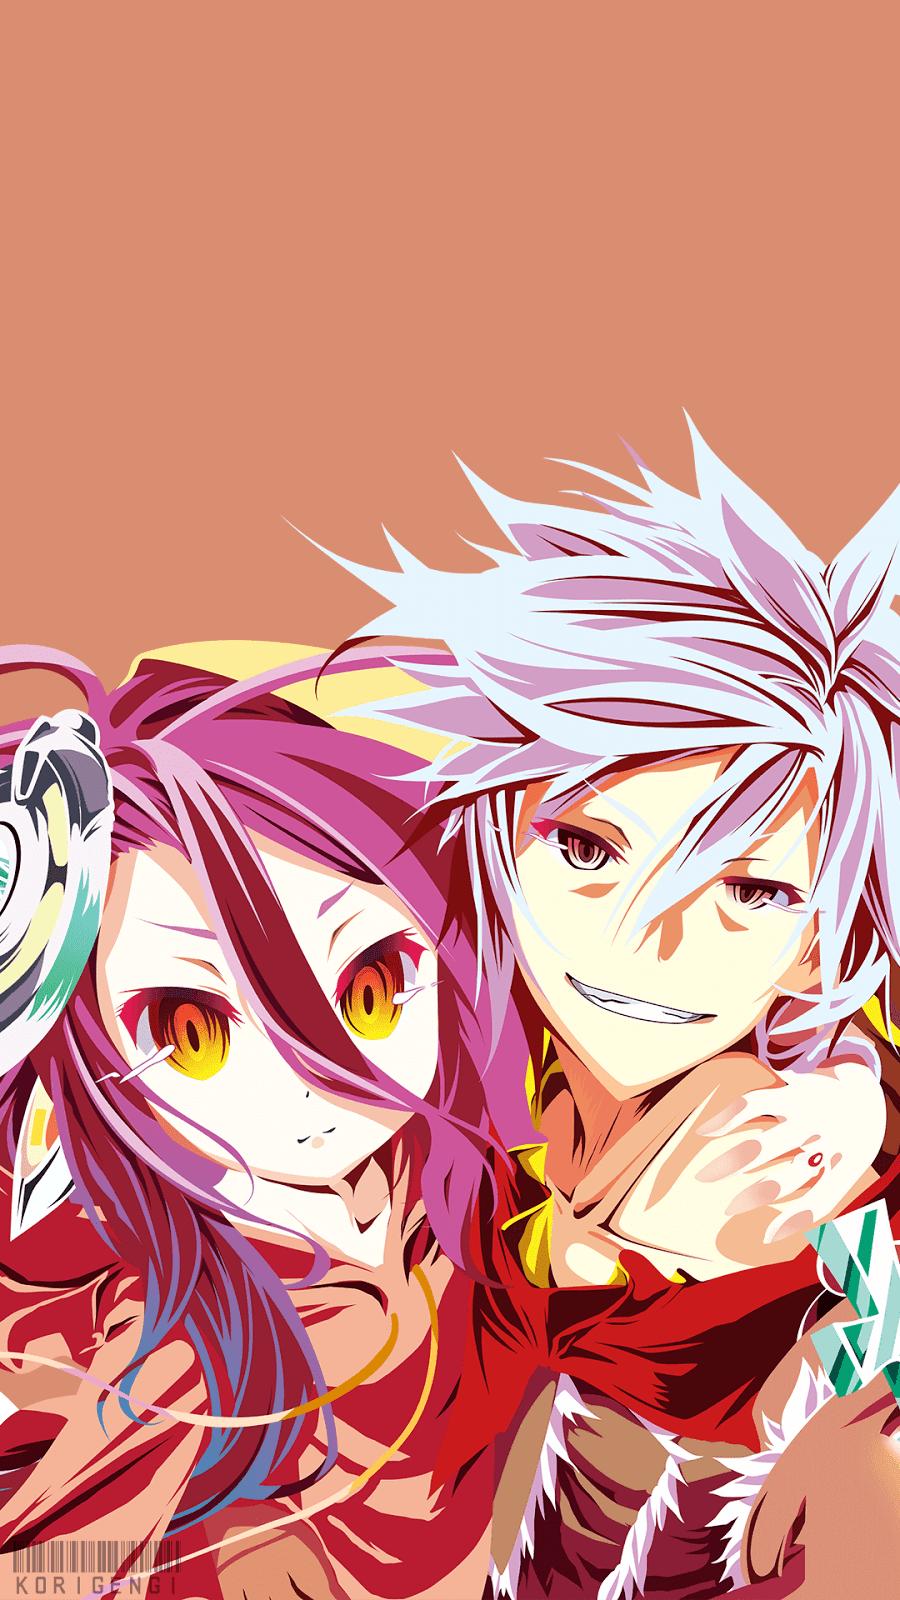 Riku Shuvi Arte De Anime Wallpaper De Anime Y Fondo De